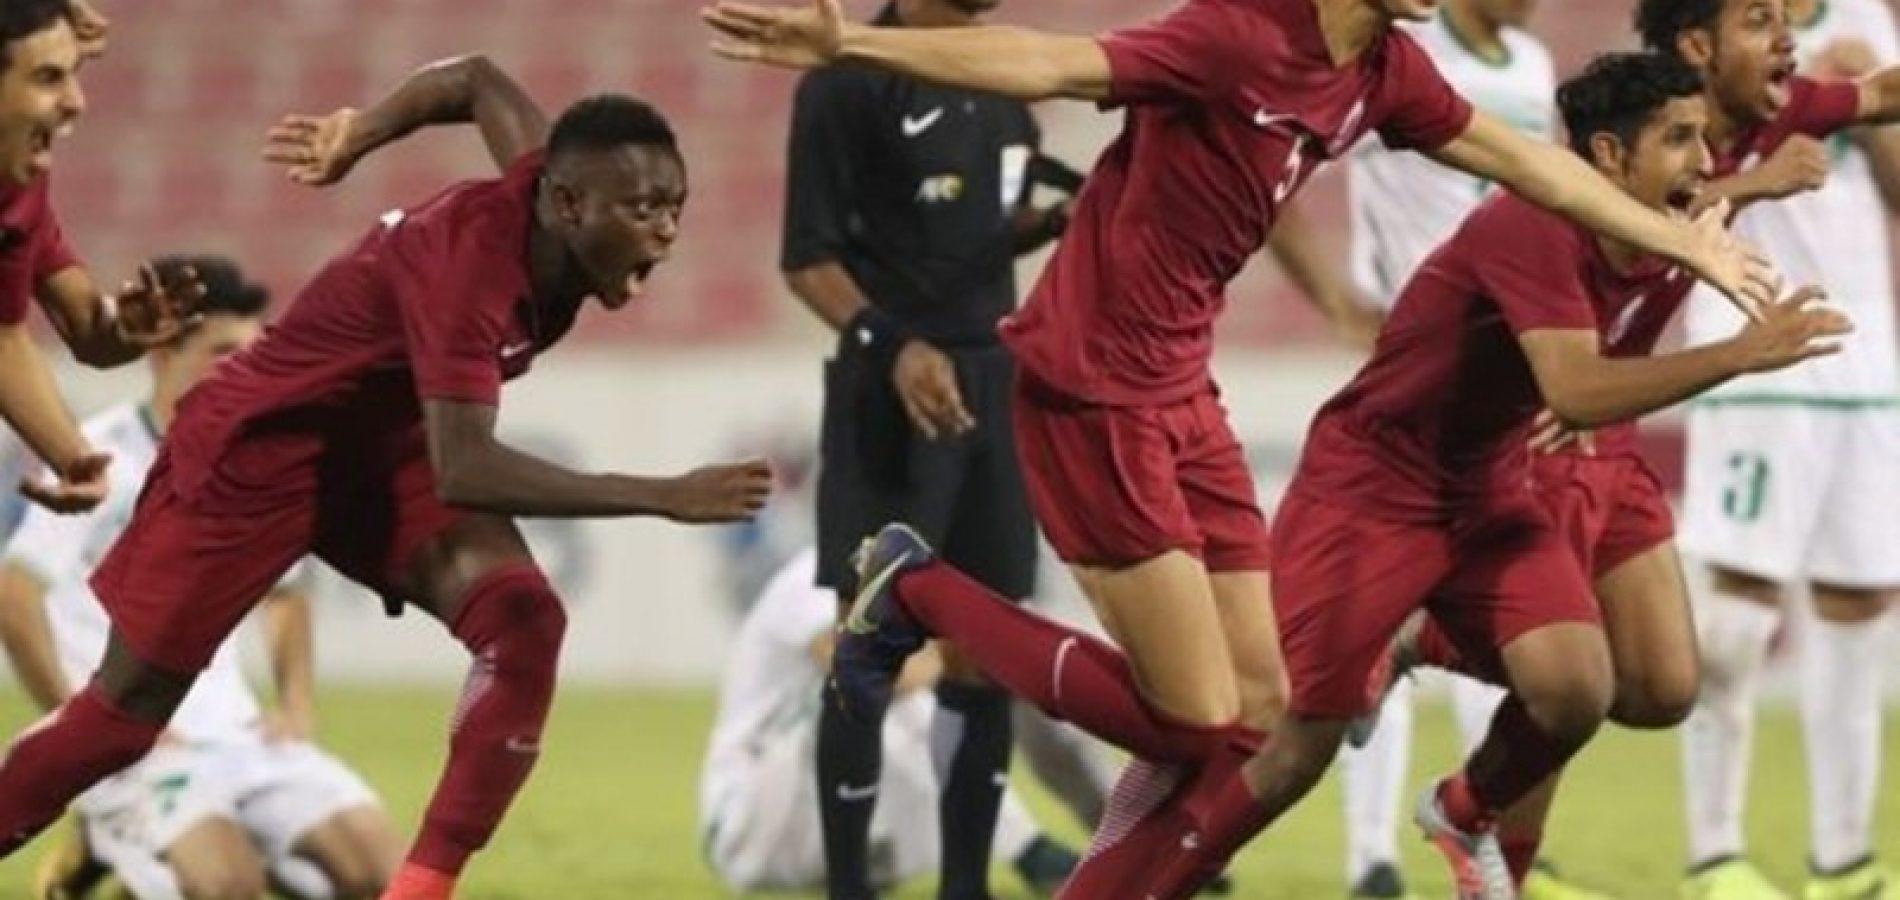 Goleiro é expulso, volante vai para o gol e pega pênalti decisivo; assista o lance